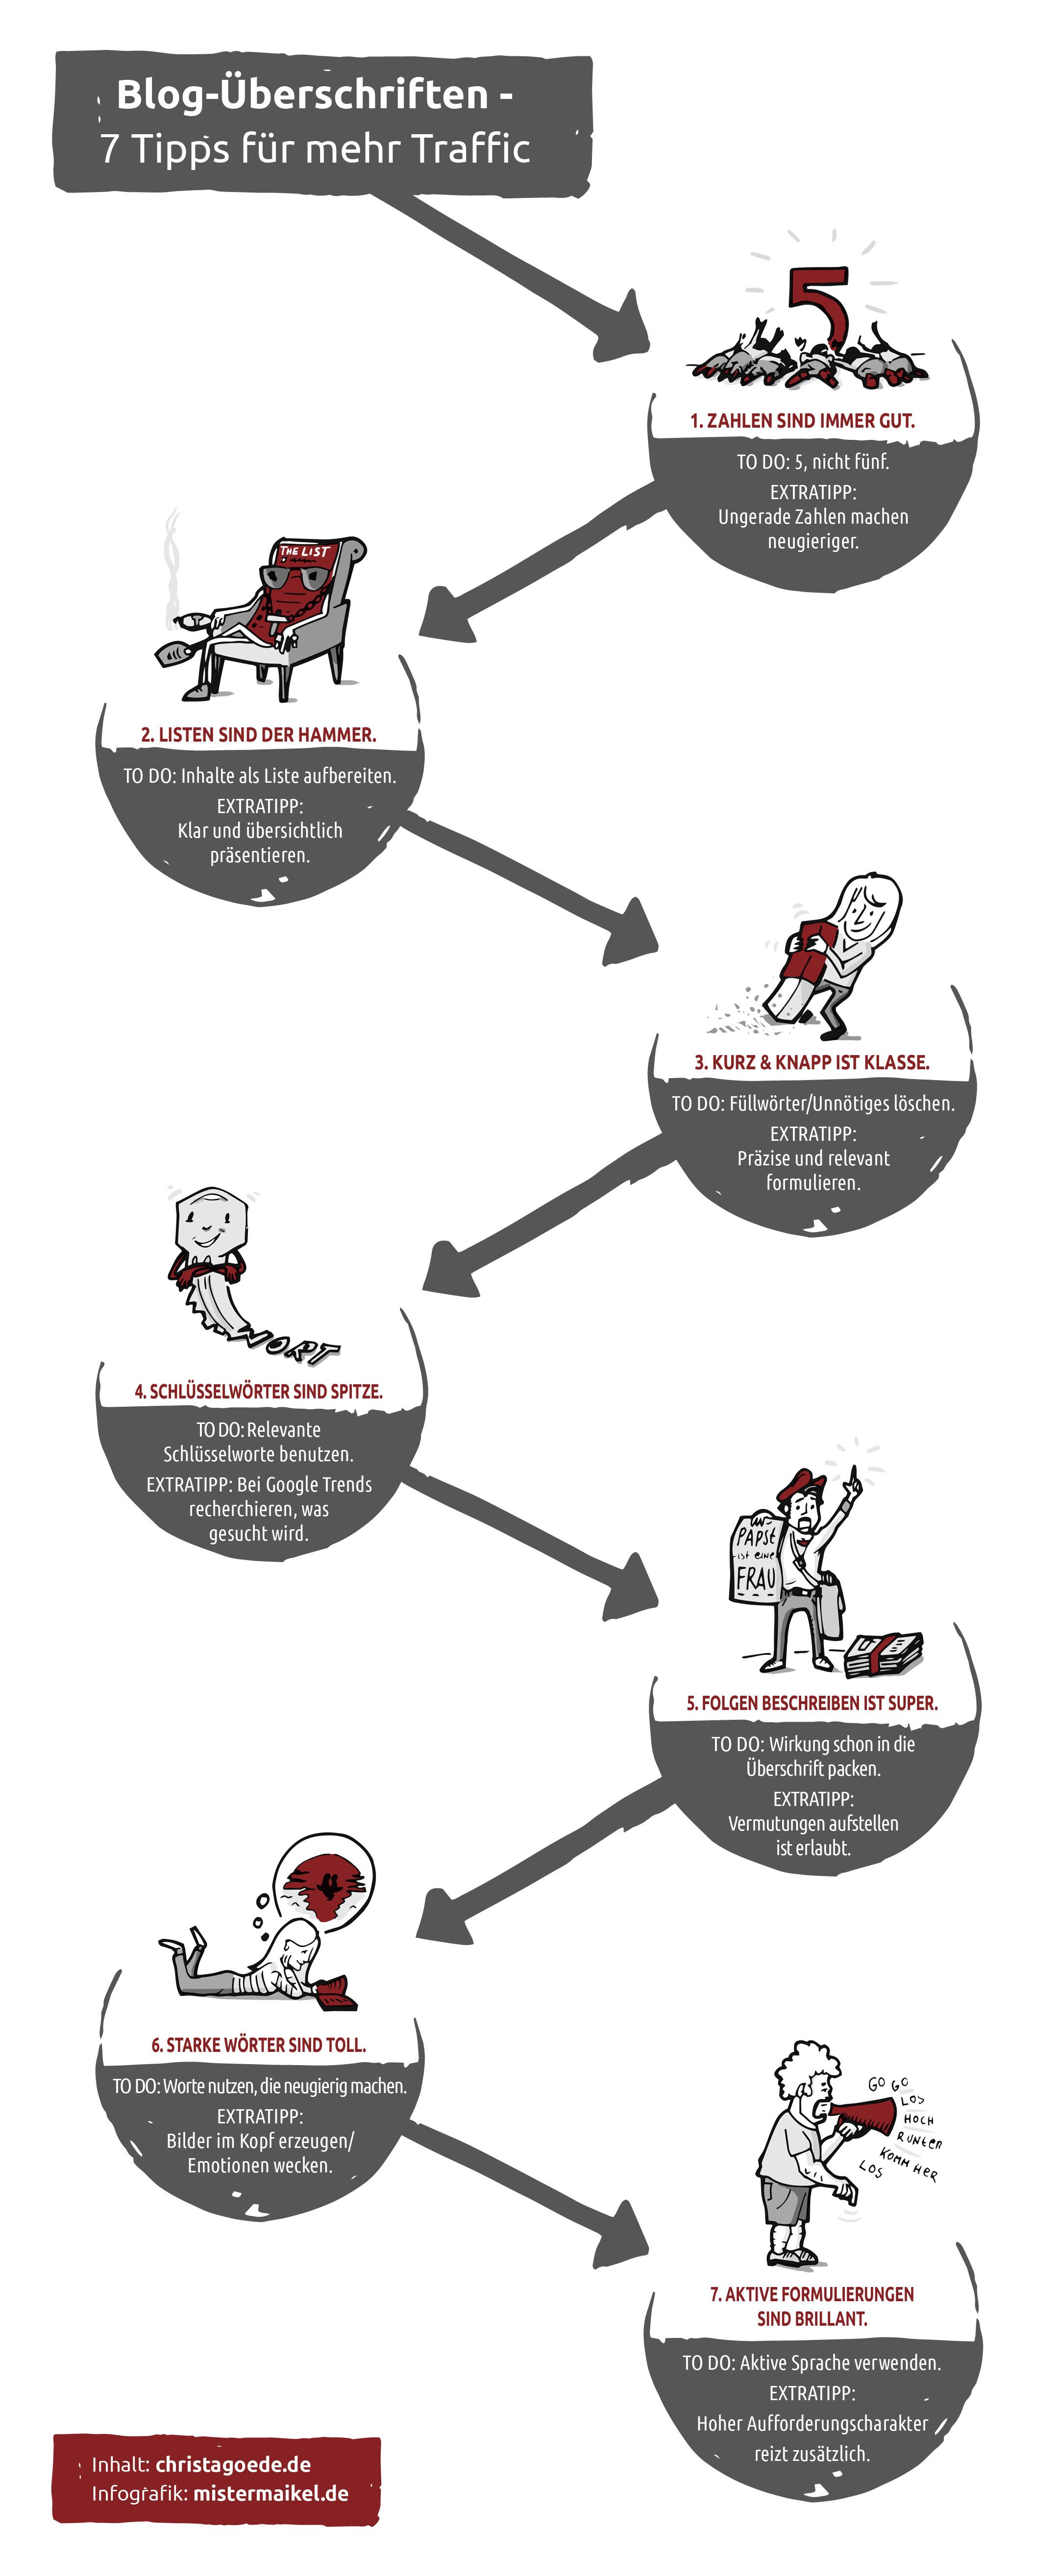 Infografik 7 Tipps für bessere Blogüberschriften